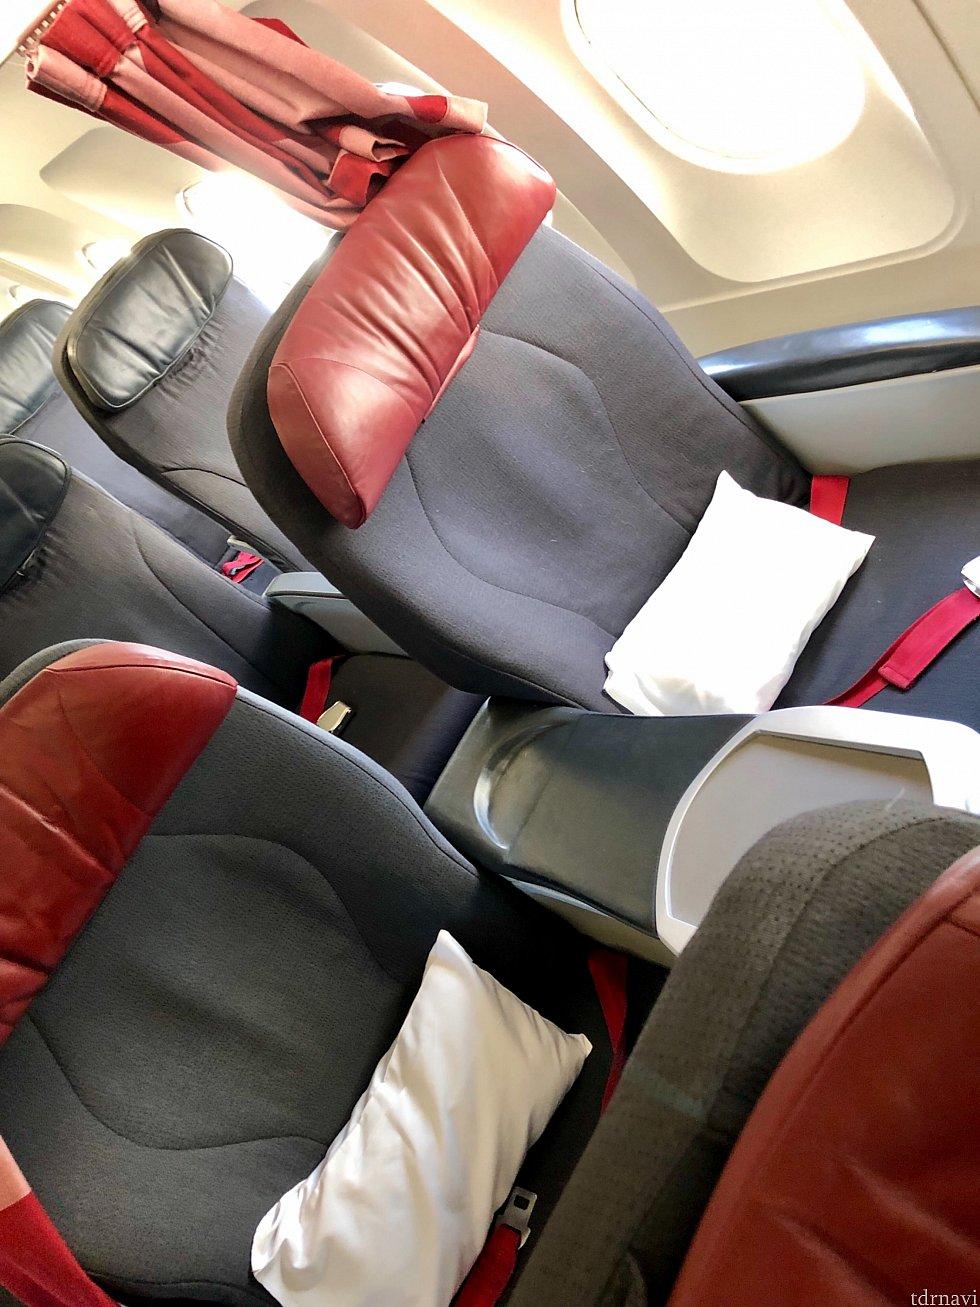 オーランドまでは3時間のフライト。定刻通り出発で、機内はガラガラでした。12席あるうち、ビジネスクラス利用者は2名だけでした。短距離フライト機なので、フルフラットにはなりませんが、快適なシートです。うっすい枕とブランケットが座席に用意されていました。